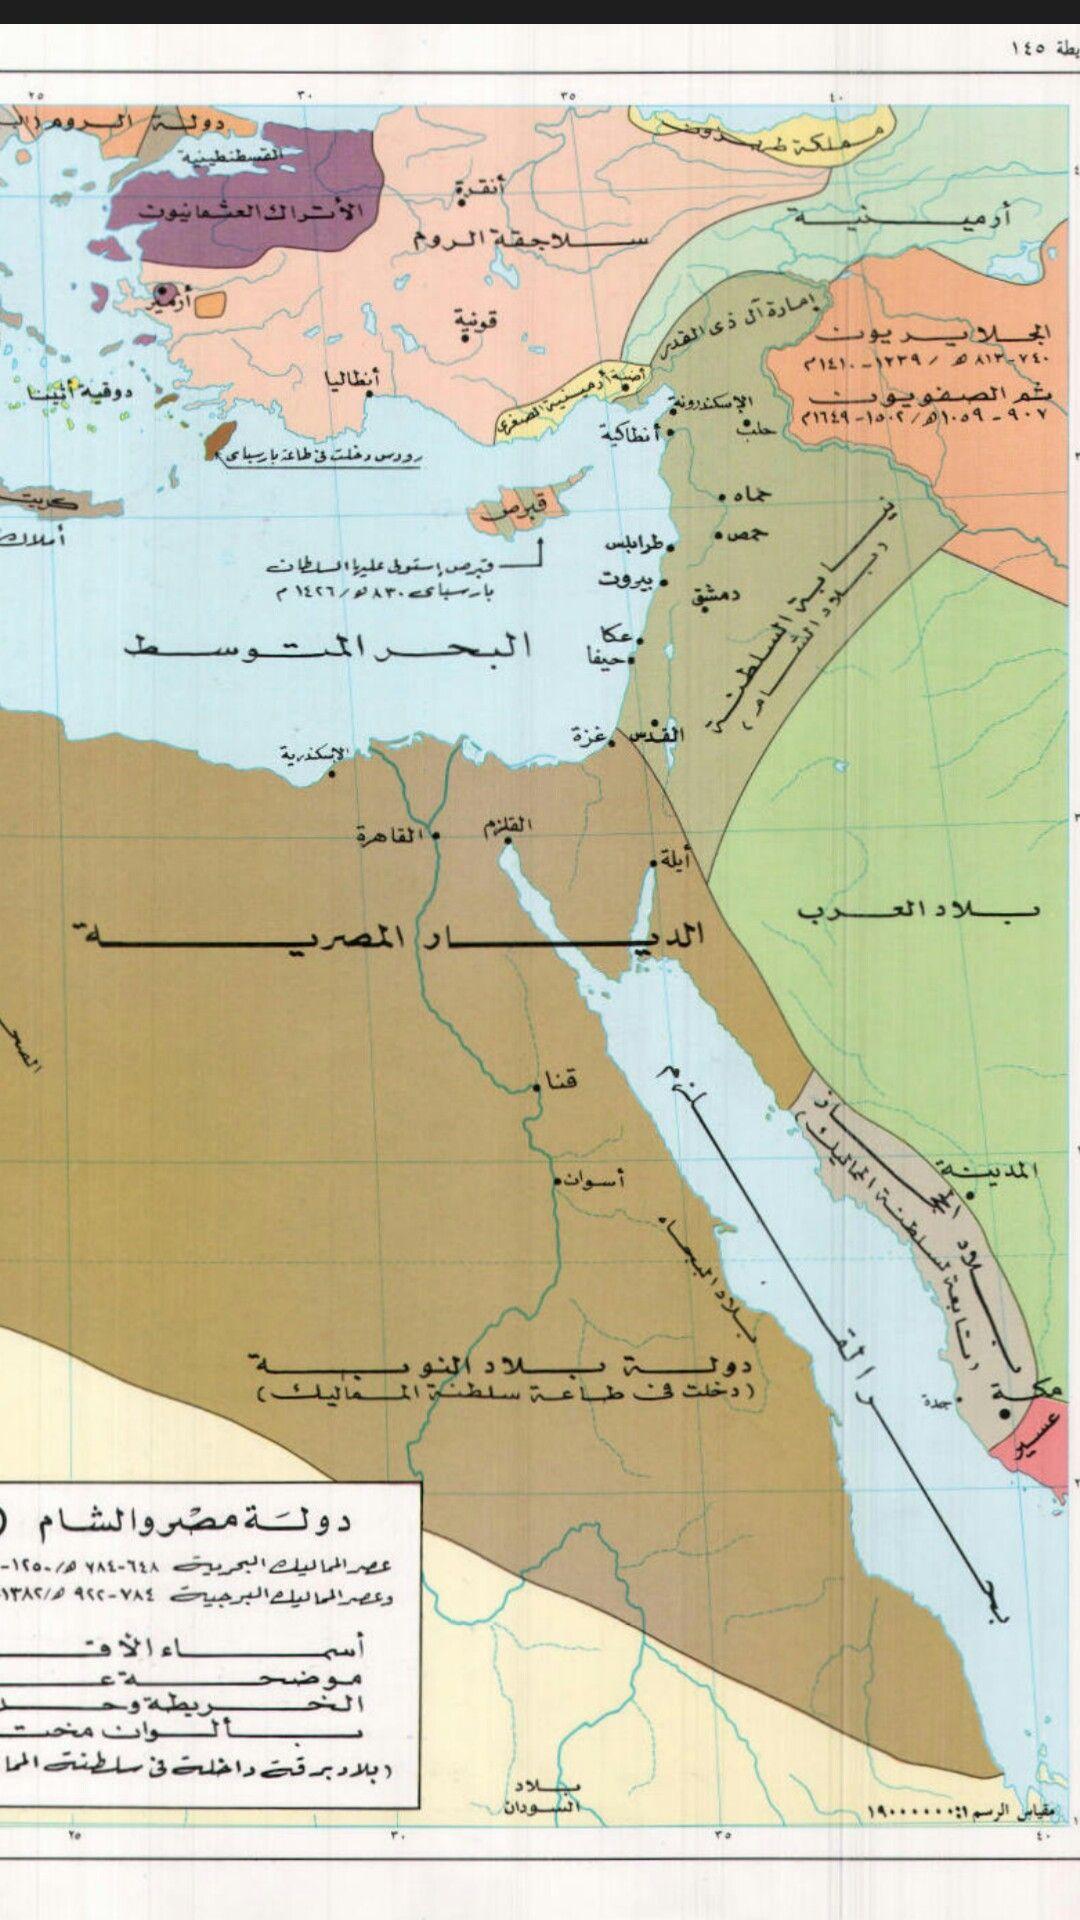 دولة المماليك 1250 1516 Egypt History Egypt Map Old Egypt